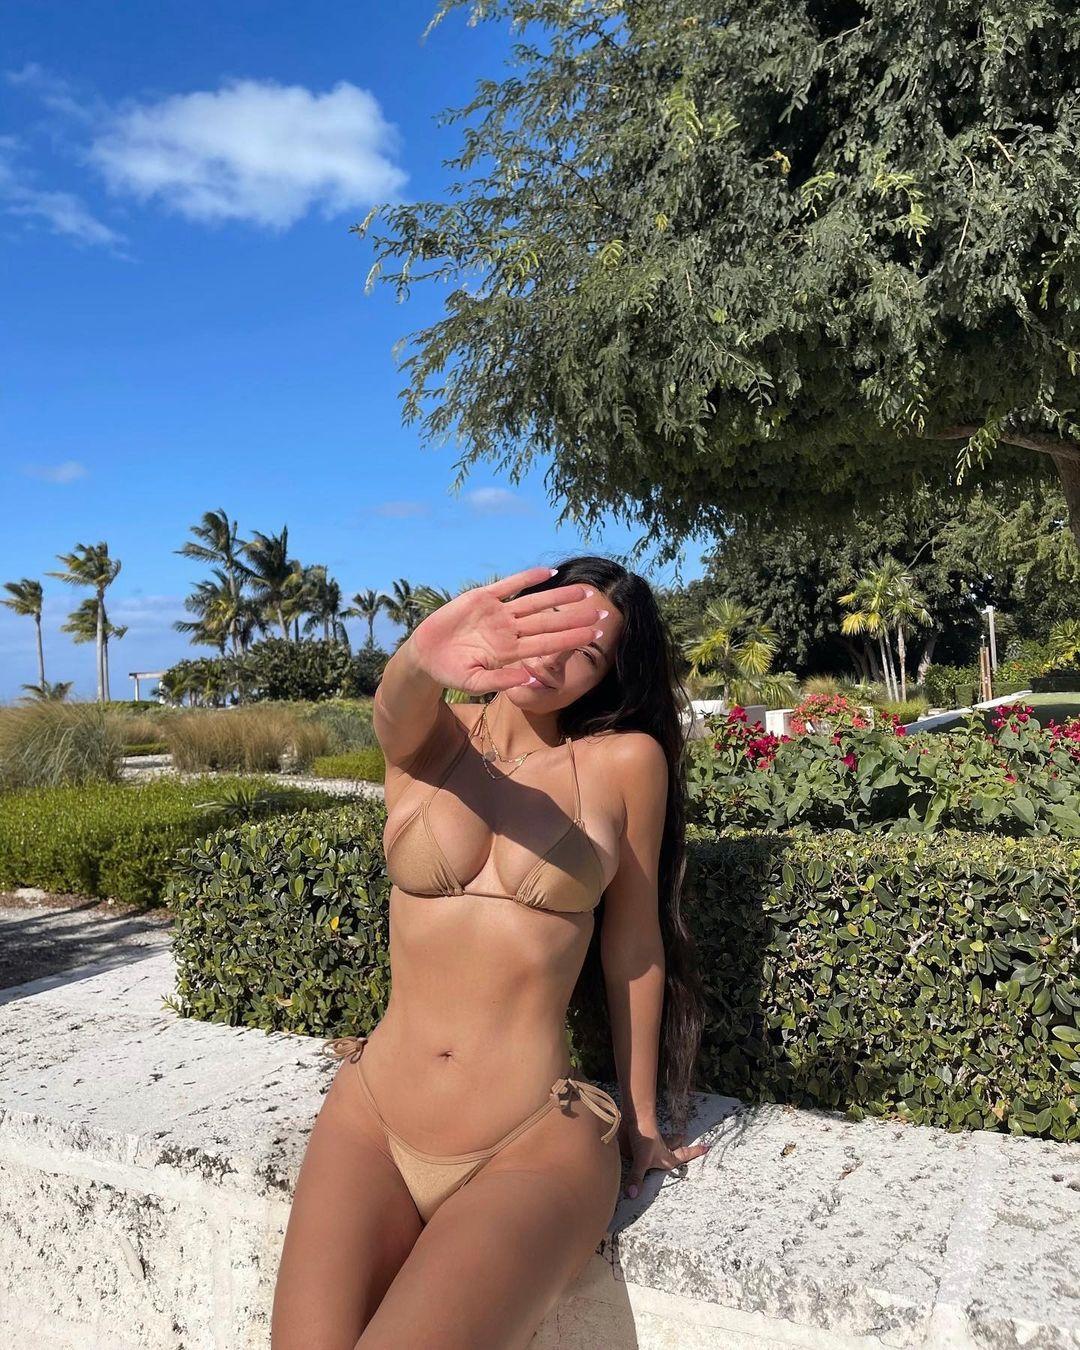 Модель показала пикантное фото / instagram.com/kimkardashian